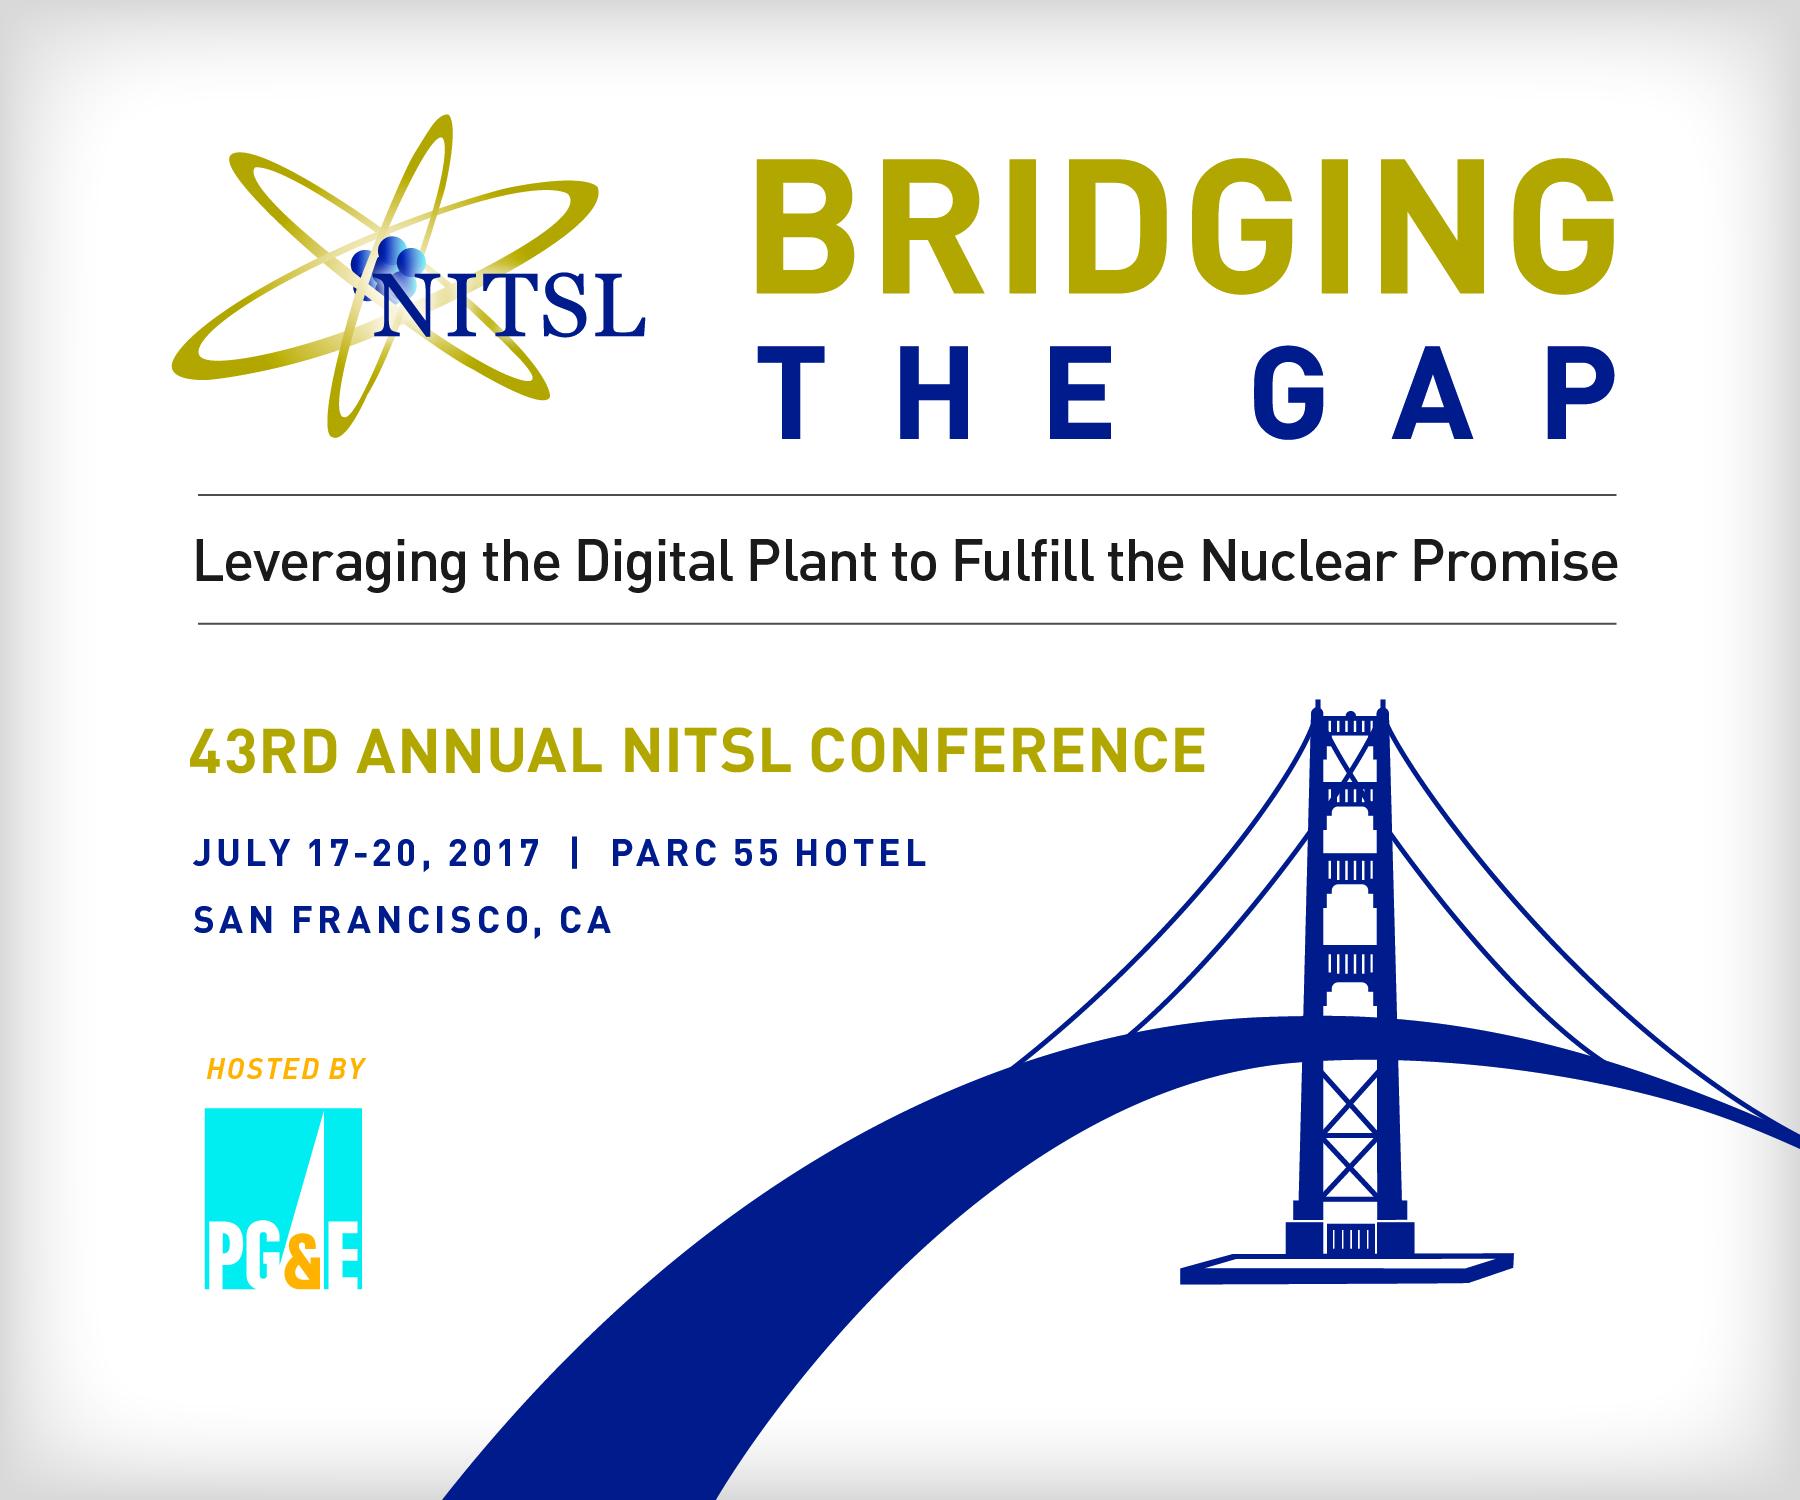 NITSL 2017 Graphic